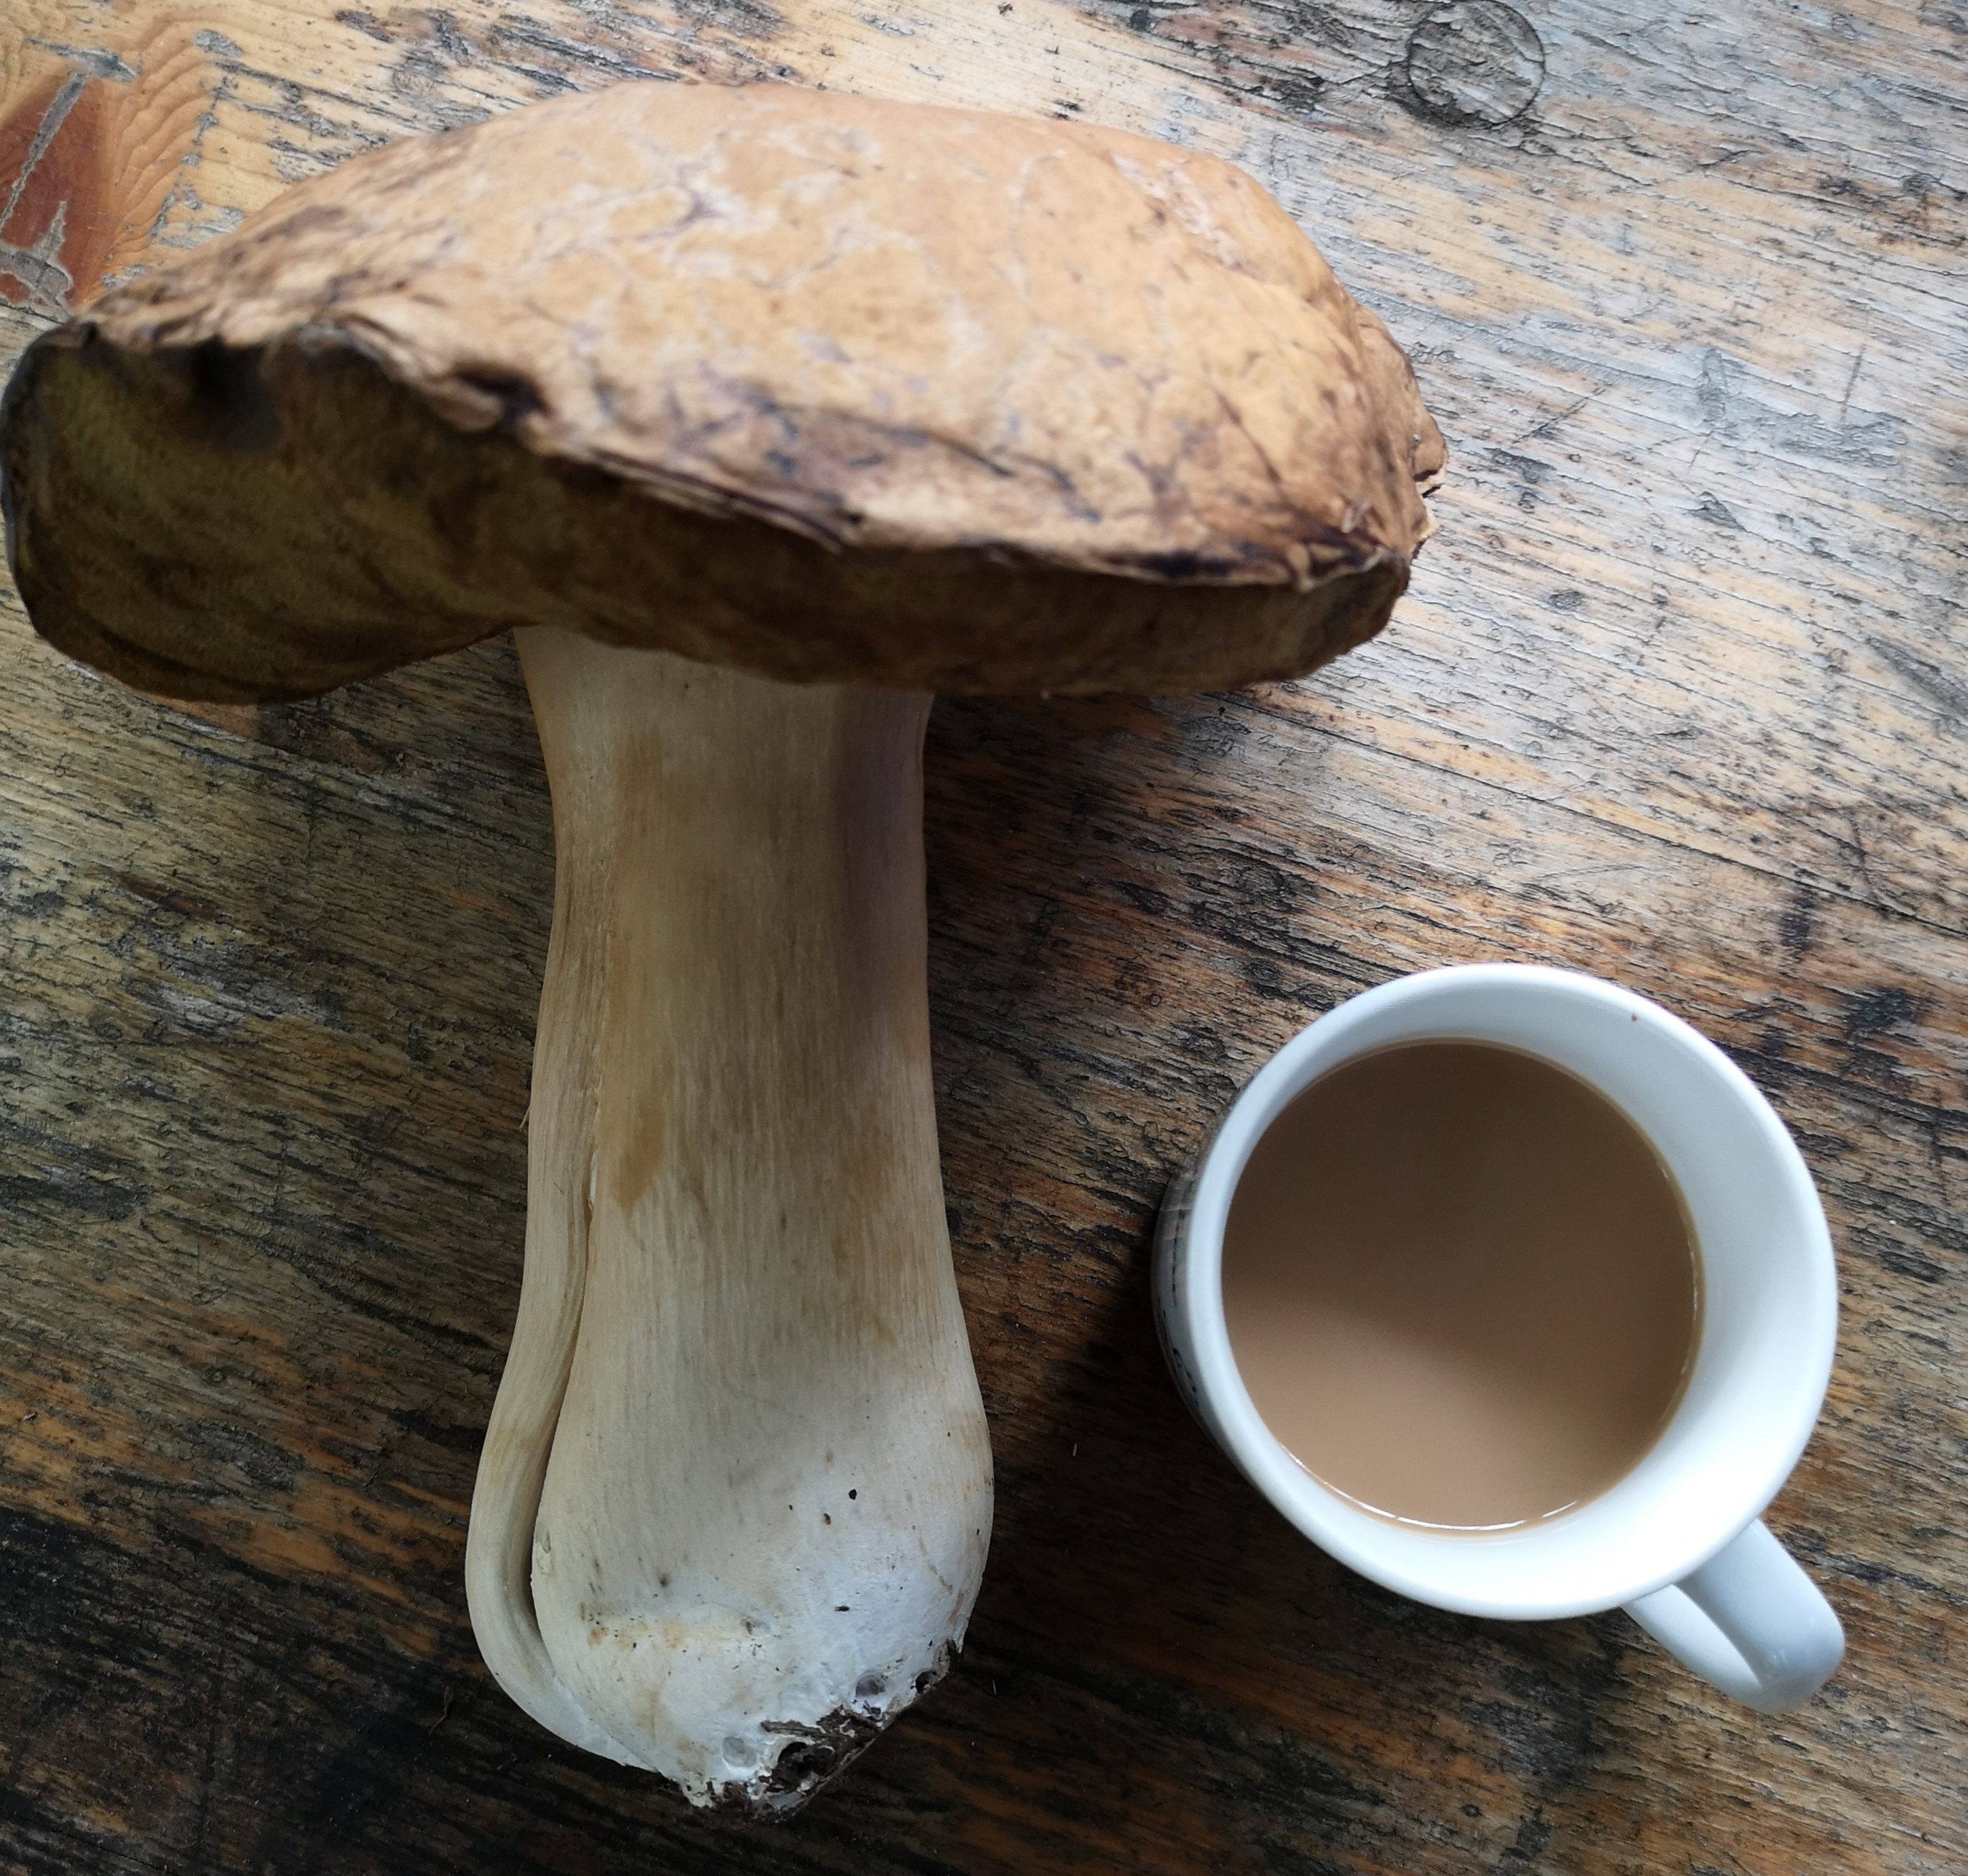 Cep Mushroom with mug of tea